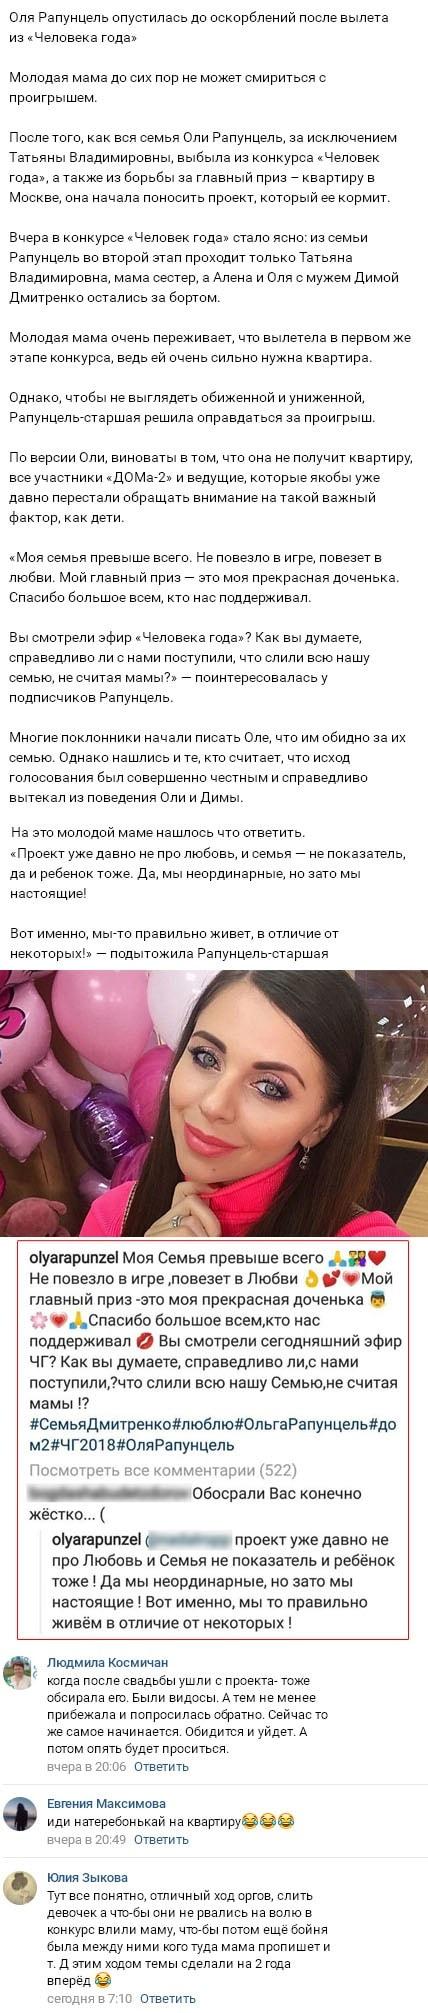 Обиженная Ольга Рапунцель жестко высказалась о проекте и организаторах